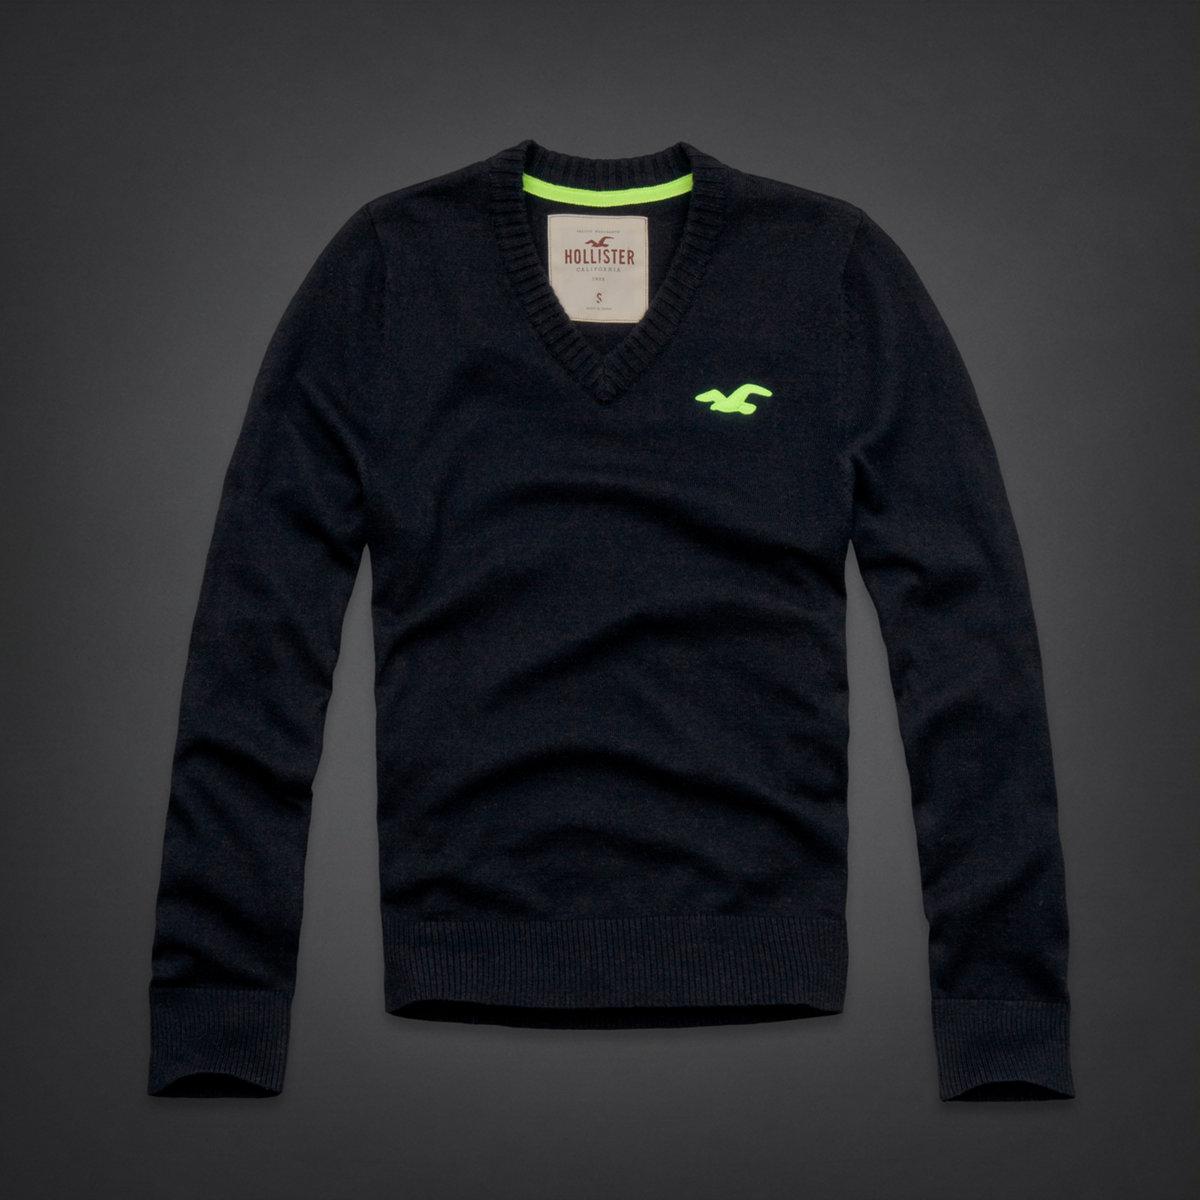 美國百分百【全新真品】Hollister Co. HCO 海鷗 V領 深藍 素面 毛衣 針織衫 線衫 M號 C407